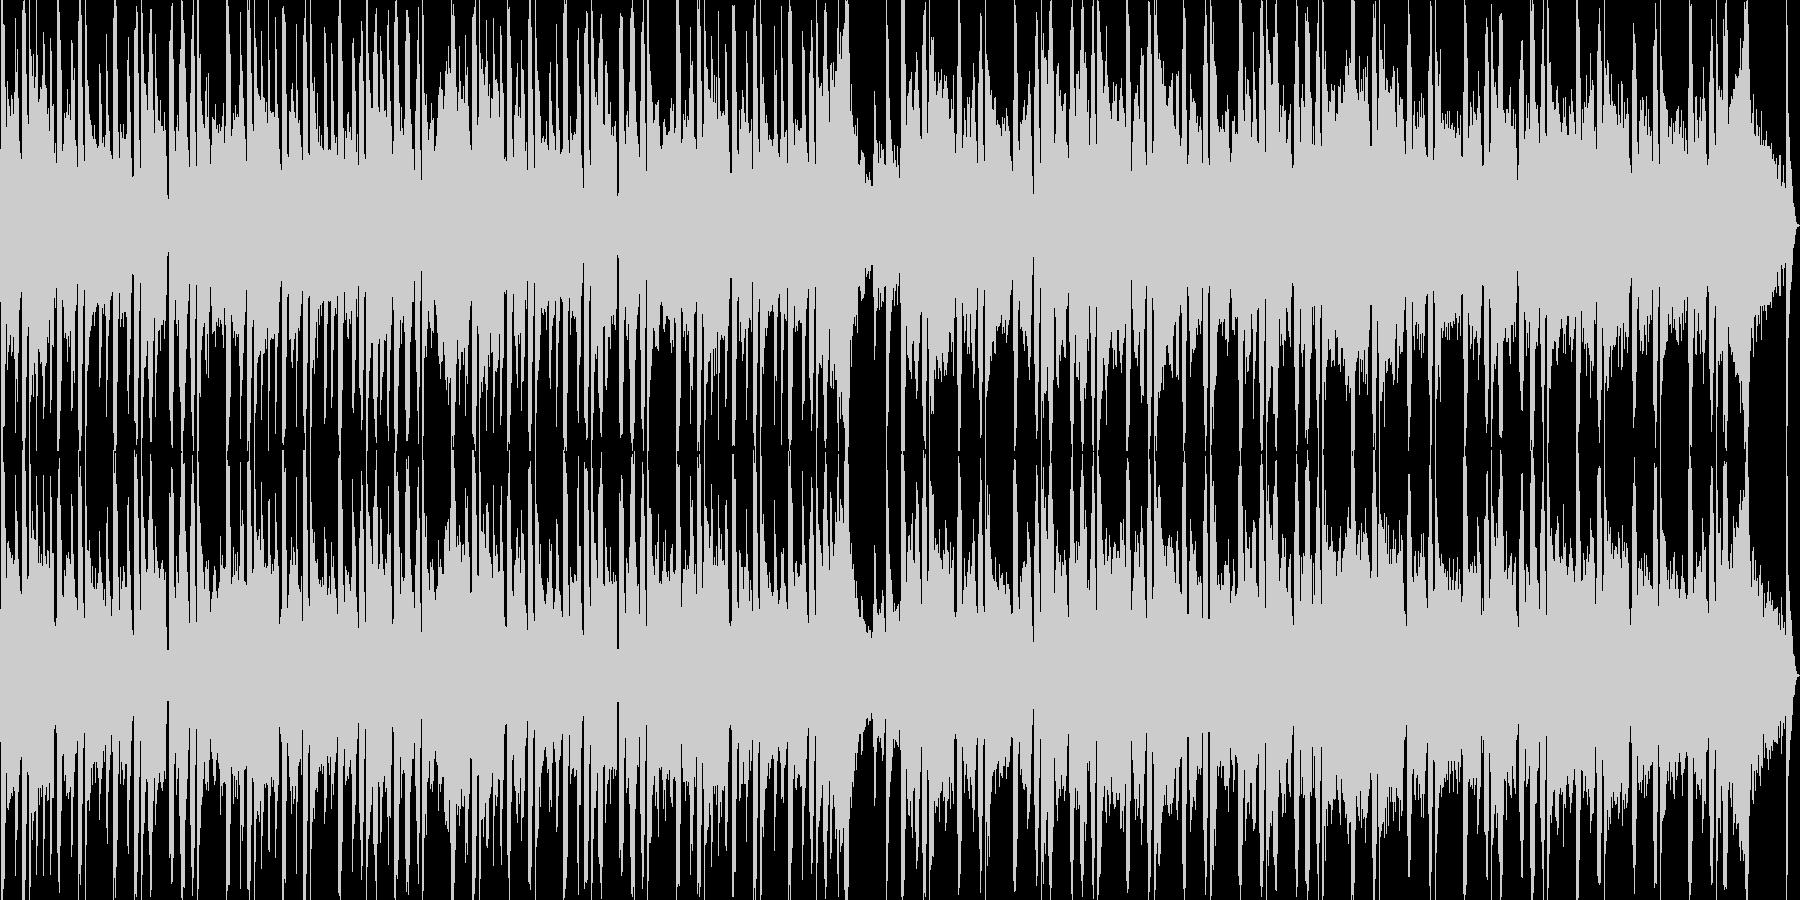 和のテイストを盛り込んだループBGMの未再生の波形